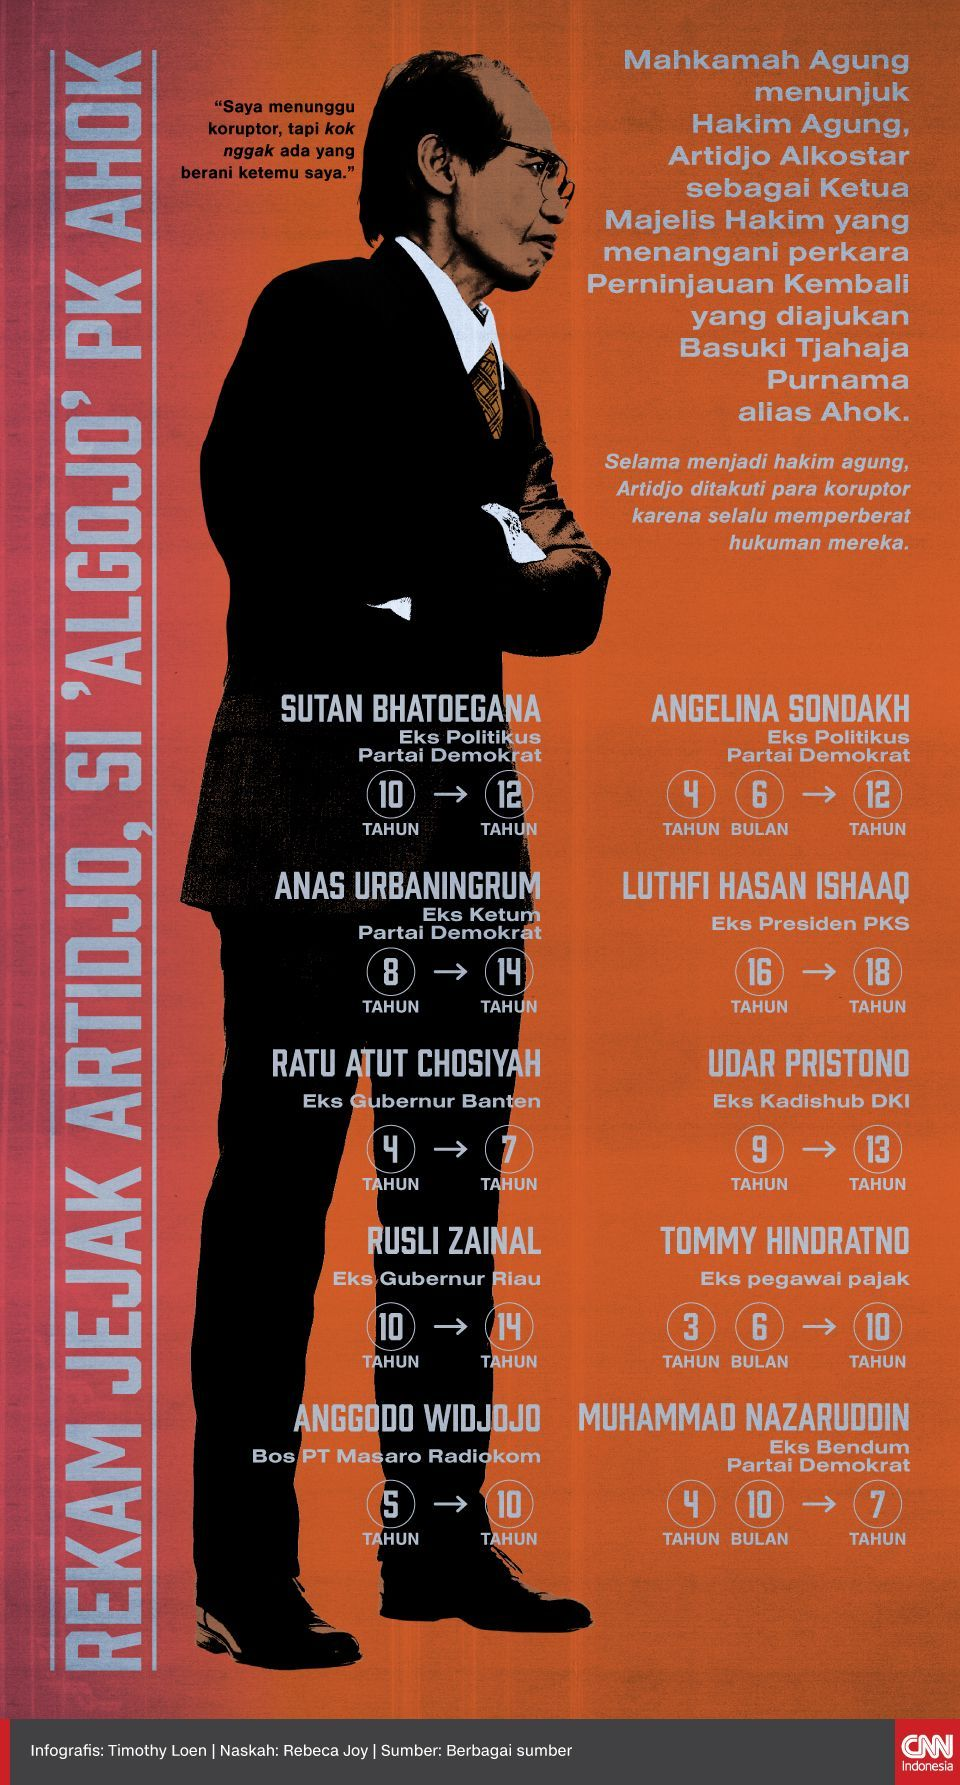 Profil Ketua MA Syarifuddin: Karier dan Sunat Vonis Artidjo